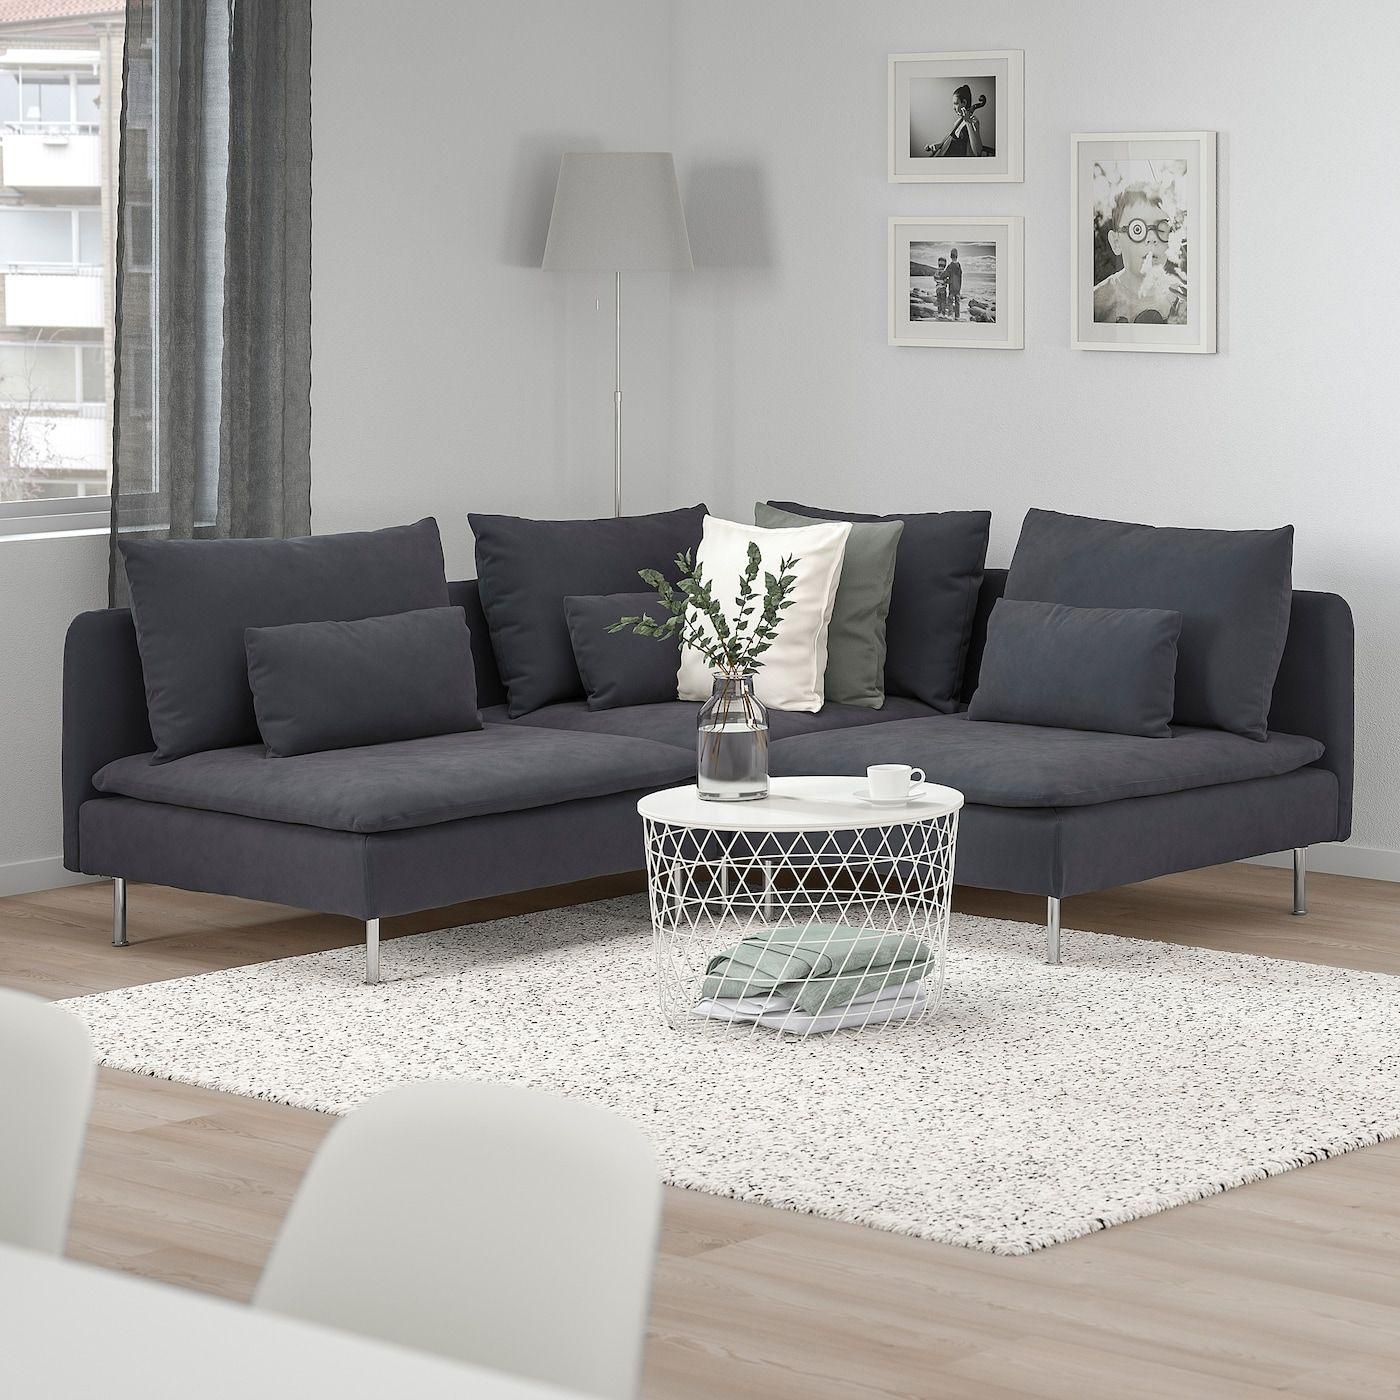 Soderhamn Sectional 3 Sitzecke Samsta Dunkelgrau Ikea 2020